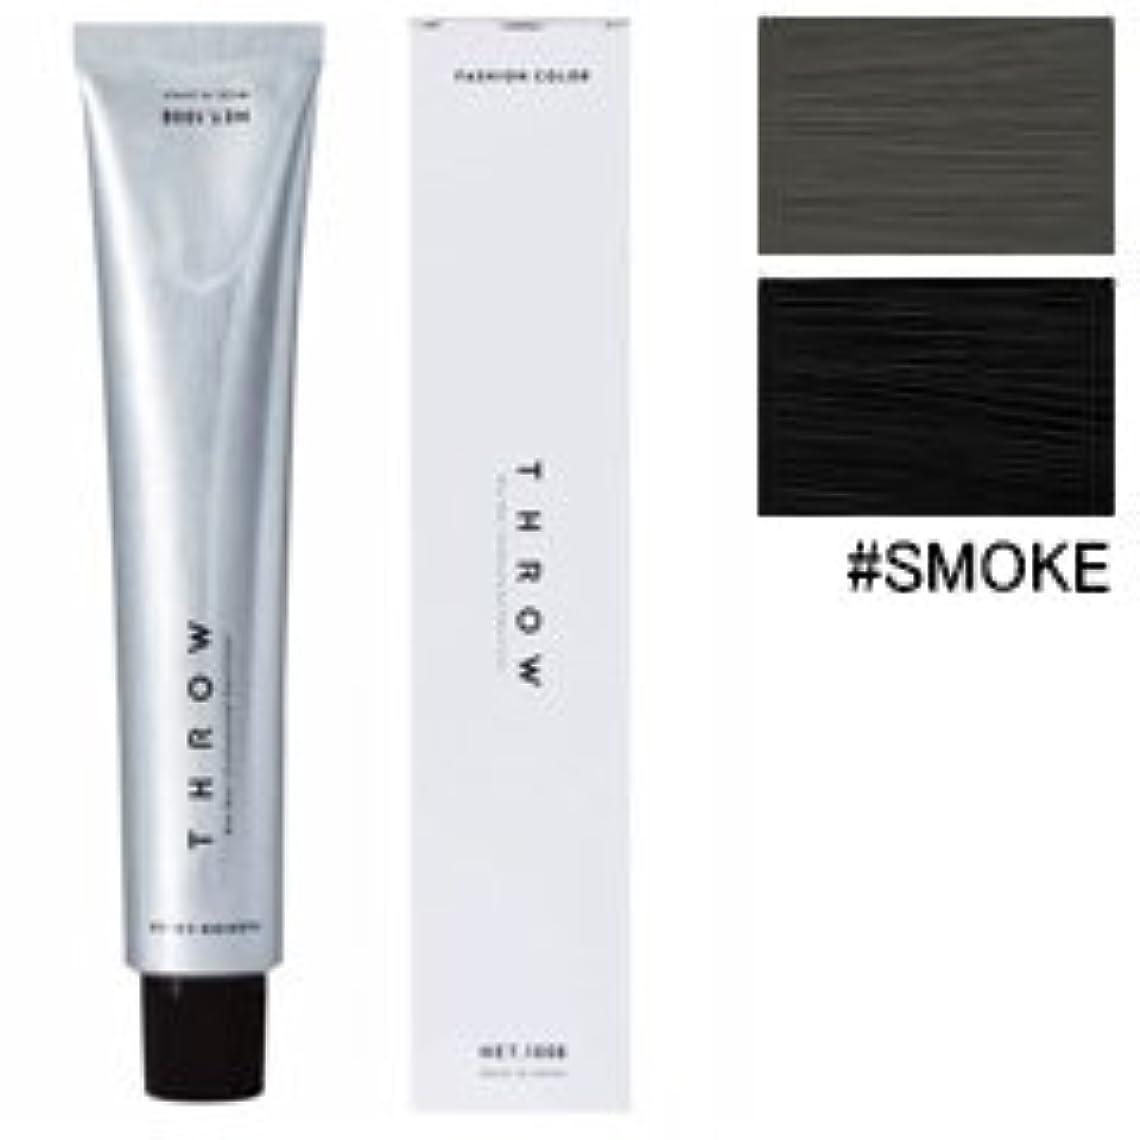 復活副詞露骨な【モルトベーネ】スロウ ファッションカラー #SMOKE 100g